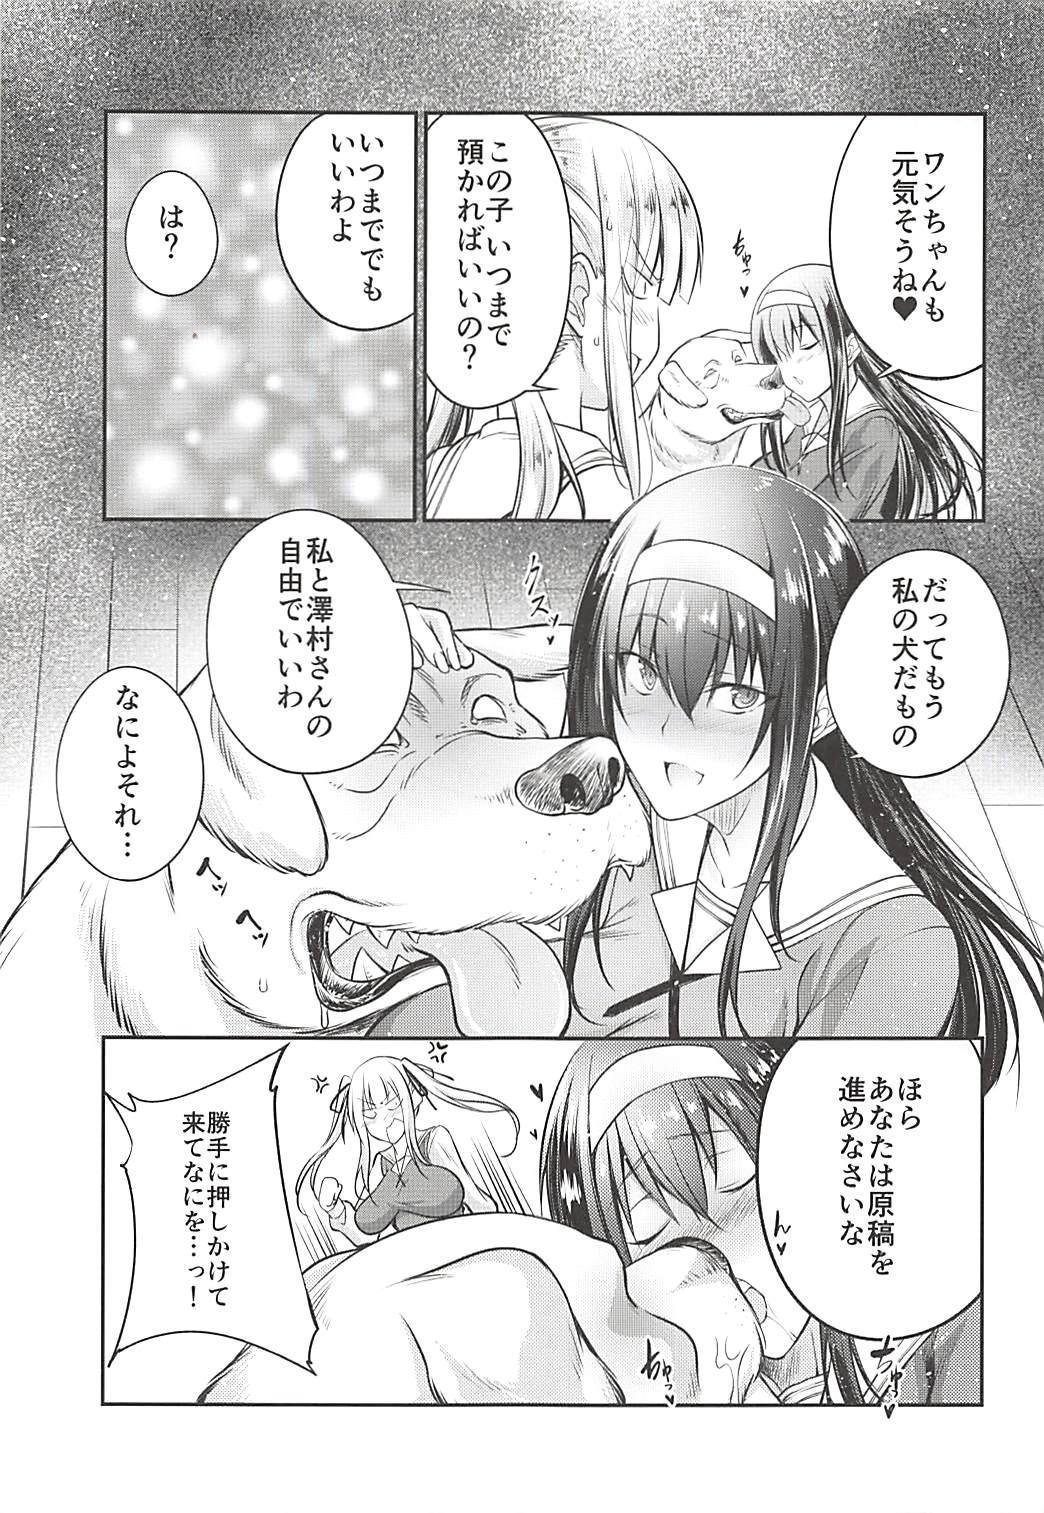 Juukan Kanojo no Tsukurikata 2 5